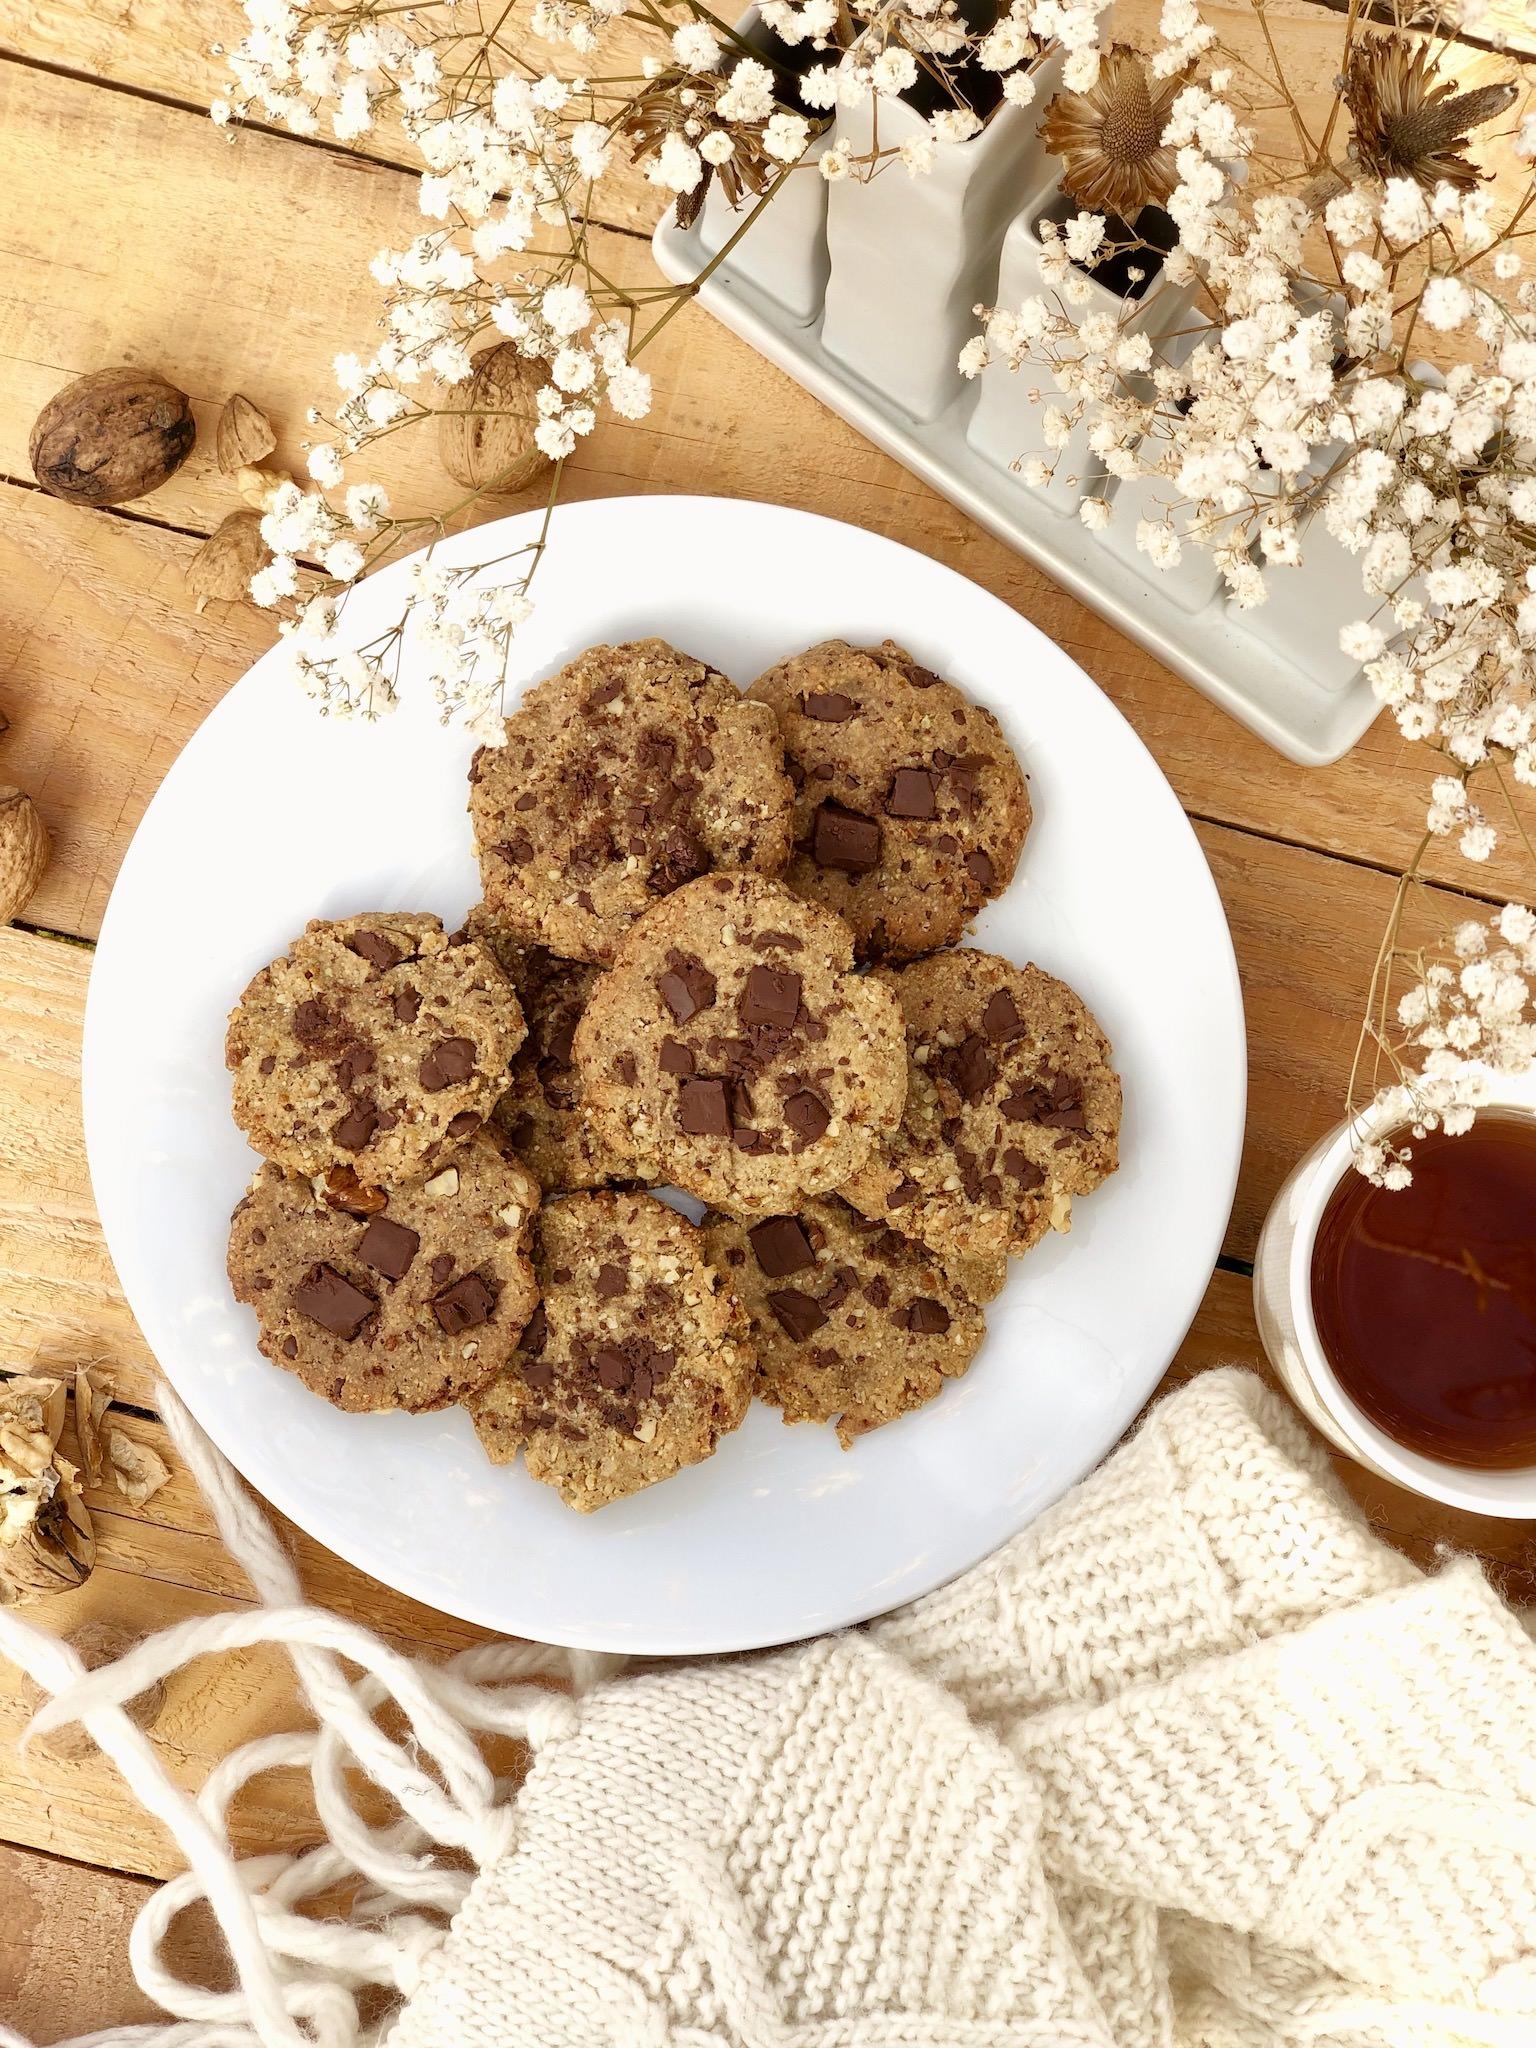 Recette de cookies bio sans gluten, sans œuf, sans soja et sans lactose